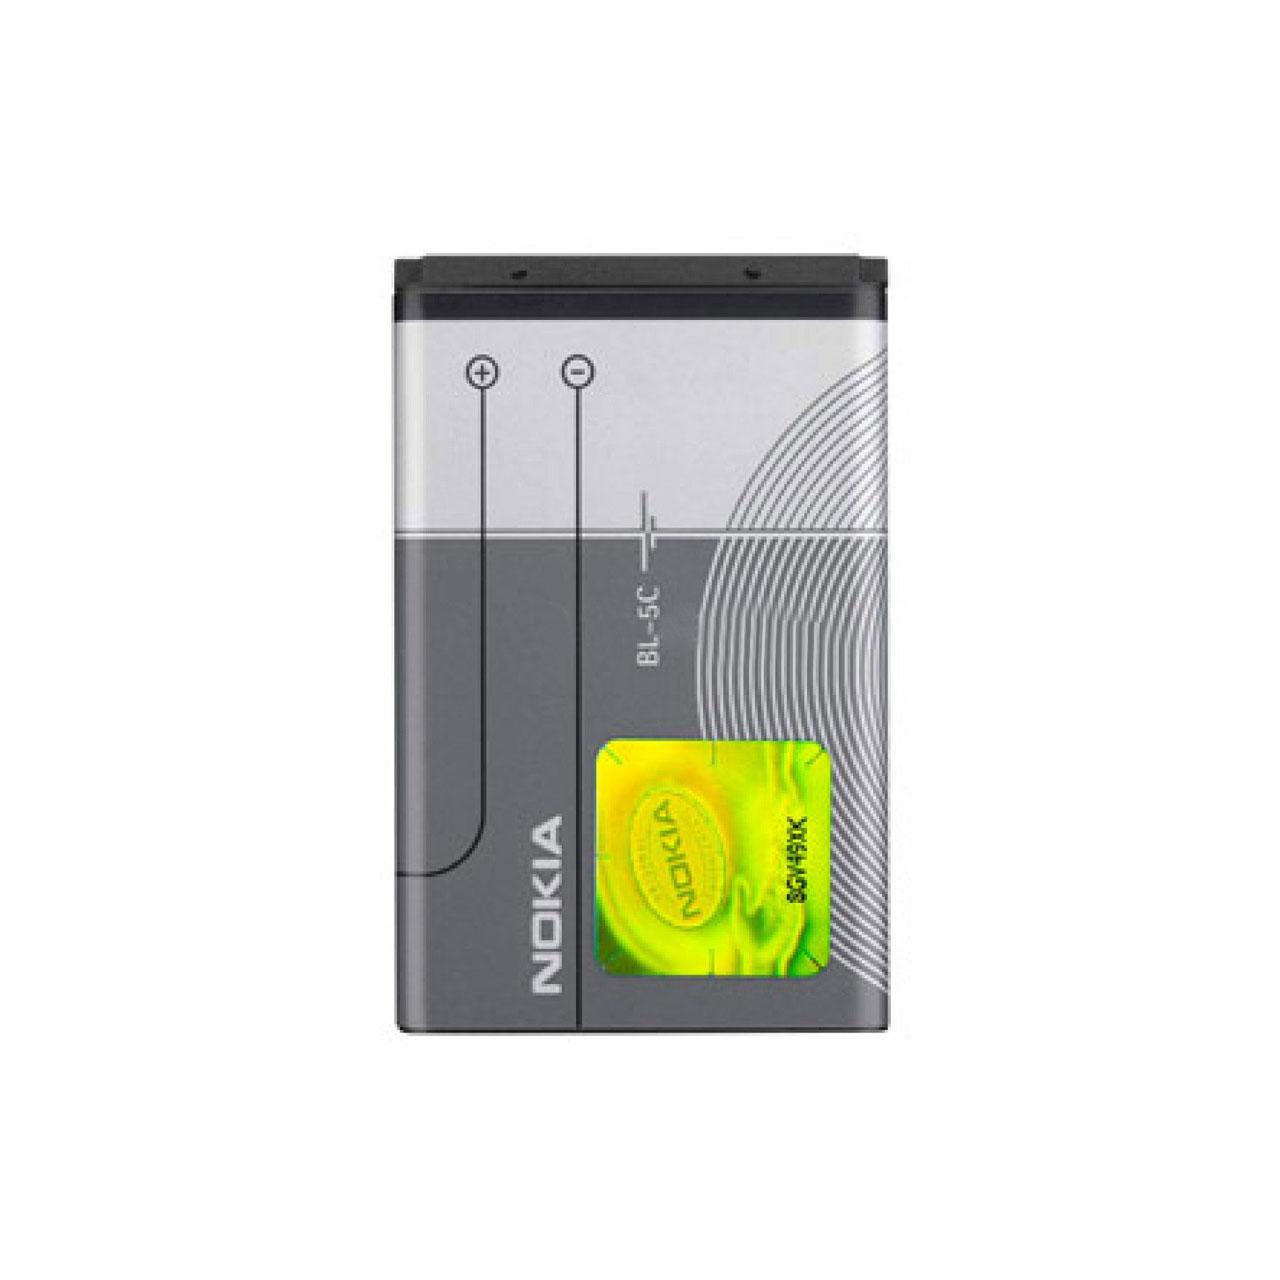 باتری موبایل مدل BL-5C ظرفیت 1020 میلی آمپر ساعت مناسب برای گوشی موبایل نوکیا C2-03